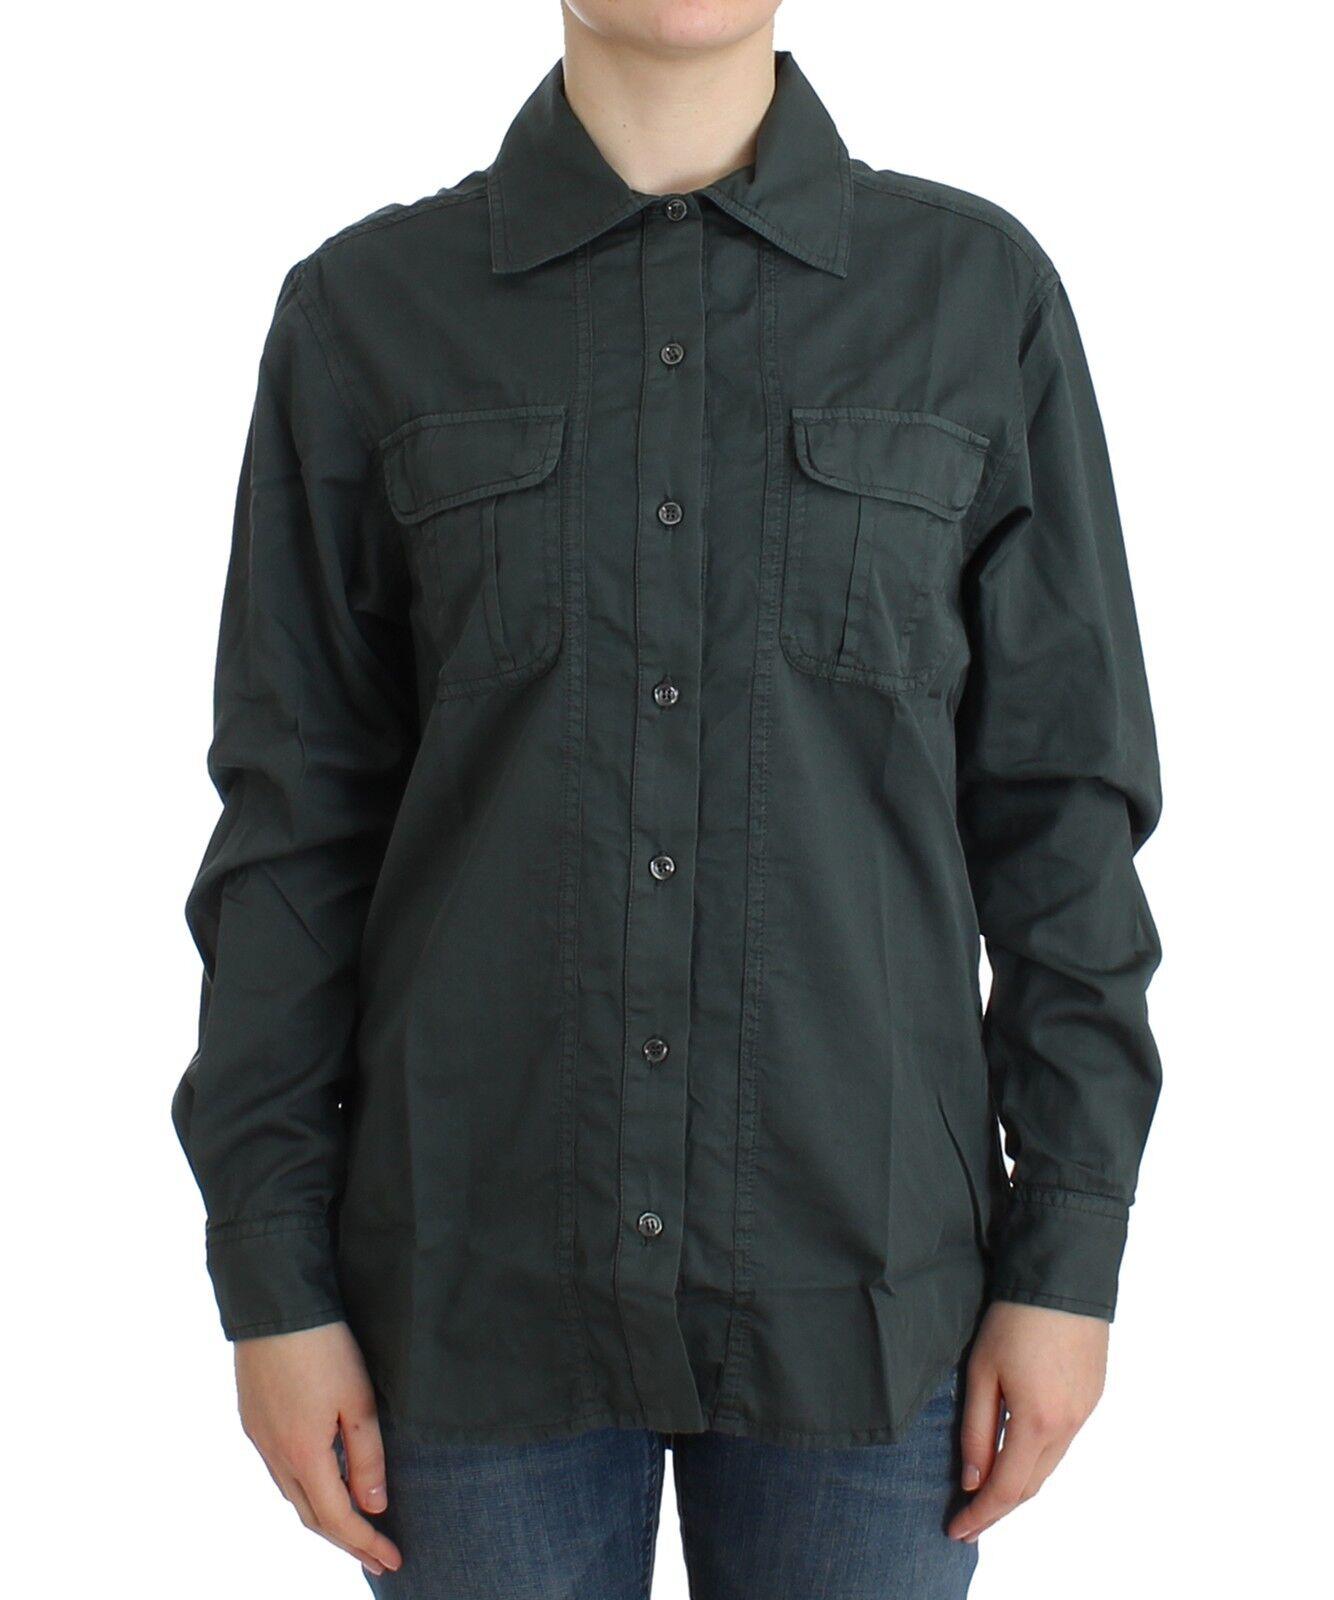 NUOVA CON ETICHETTA Just Cavalli grau camicia camicetta con bottoni 100%